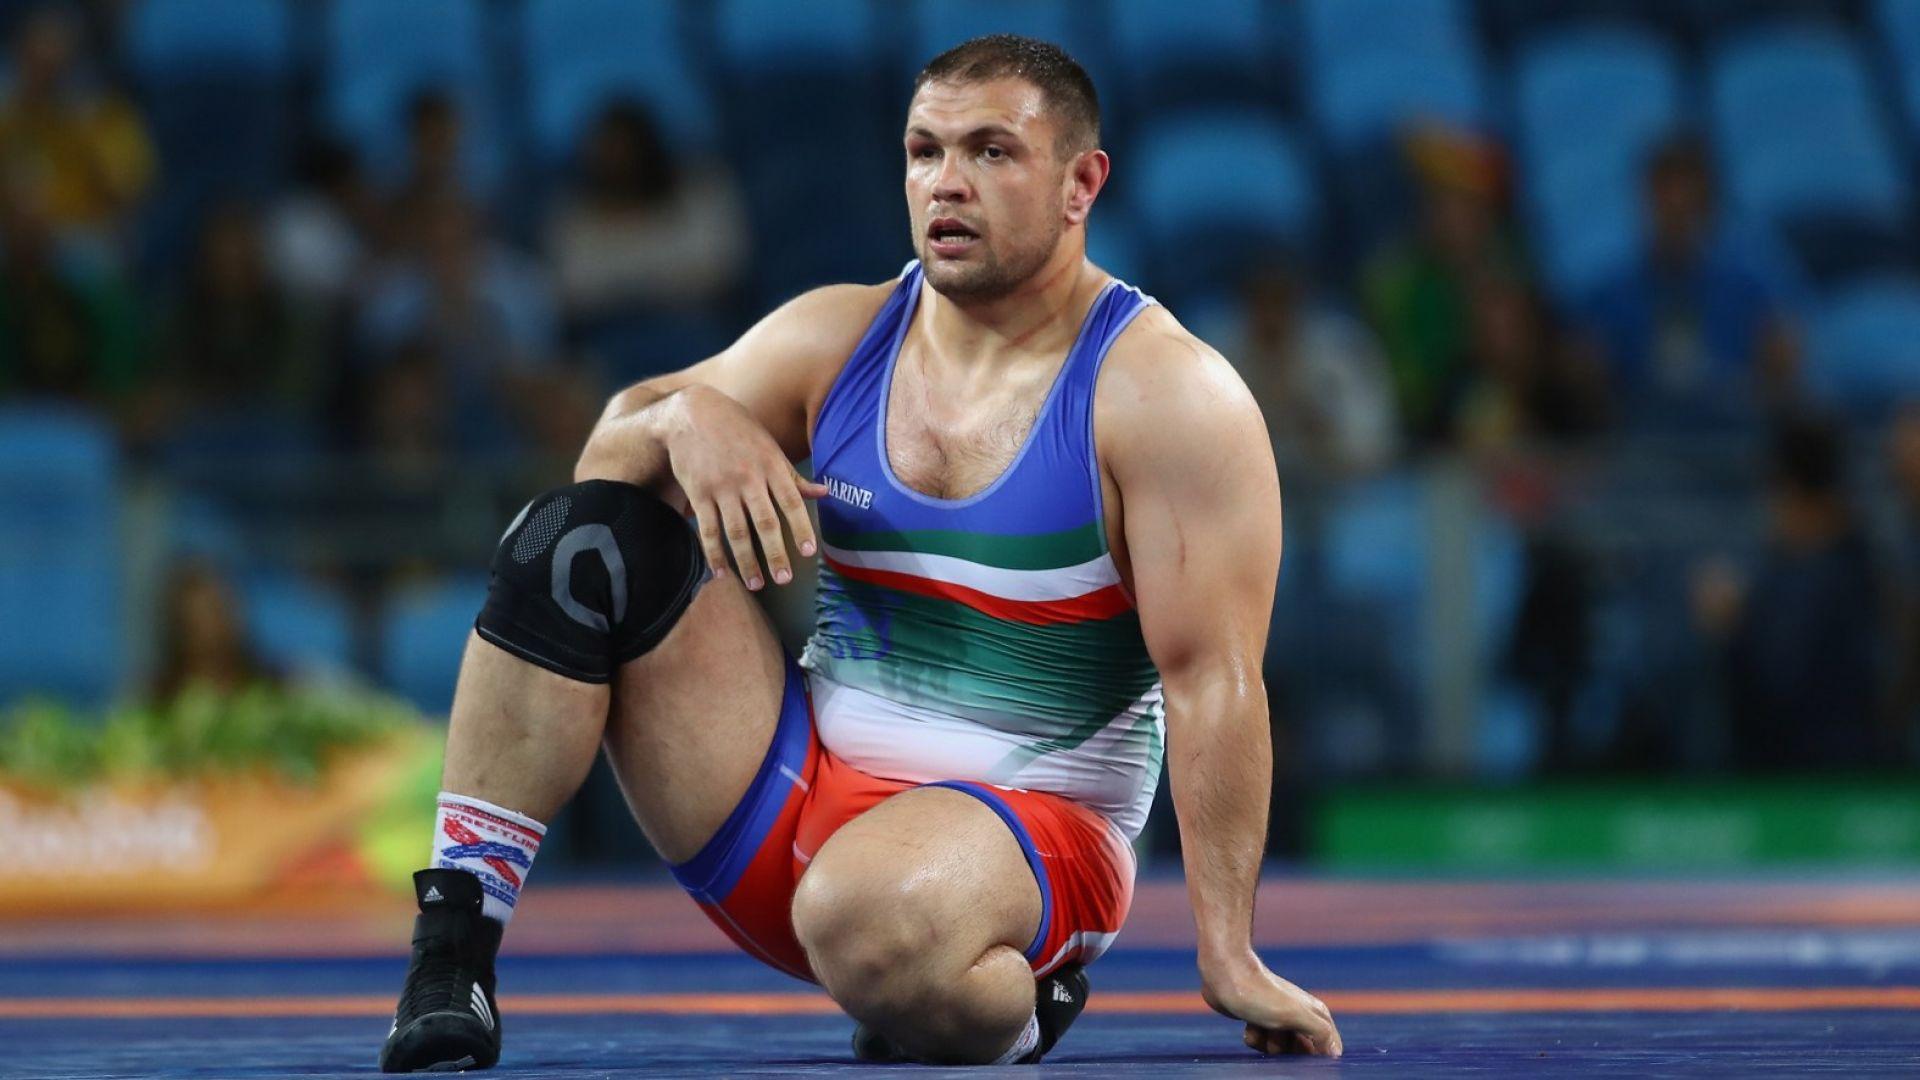 Двама борци станаха олимпийски шампиони с 8 години закъснение